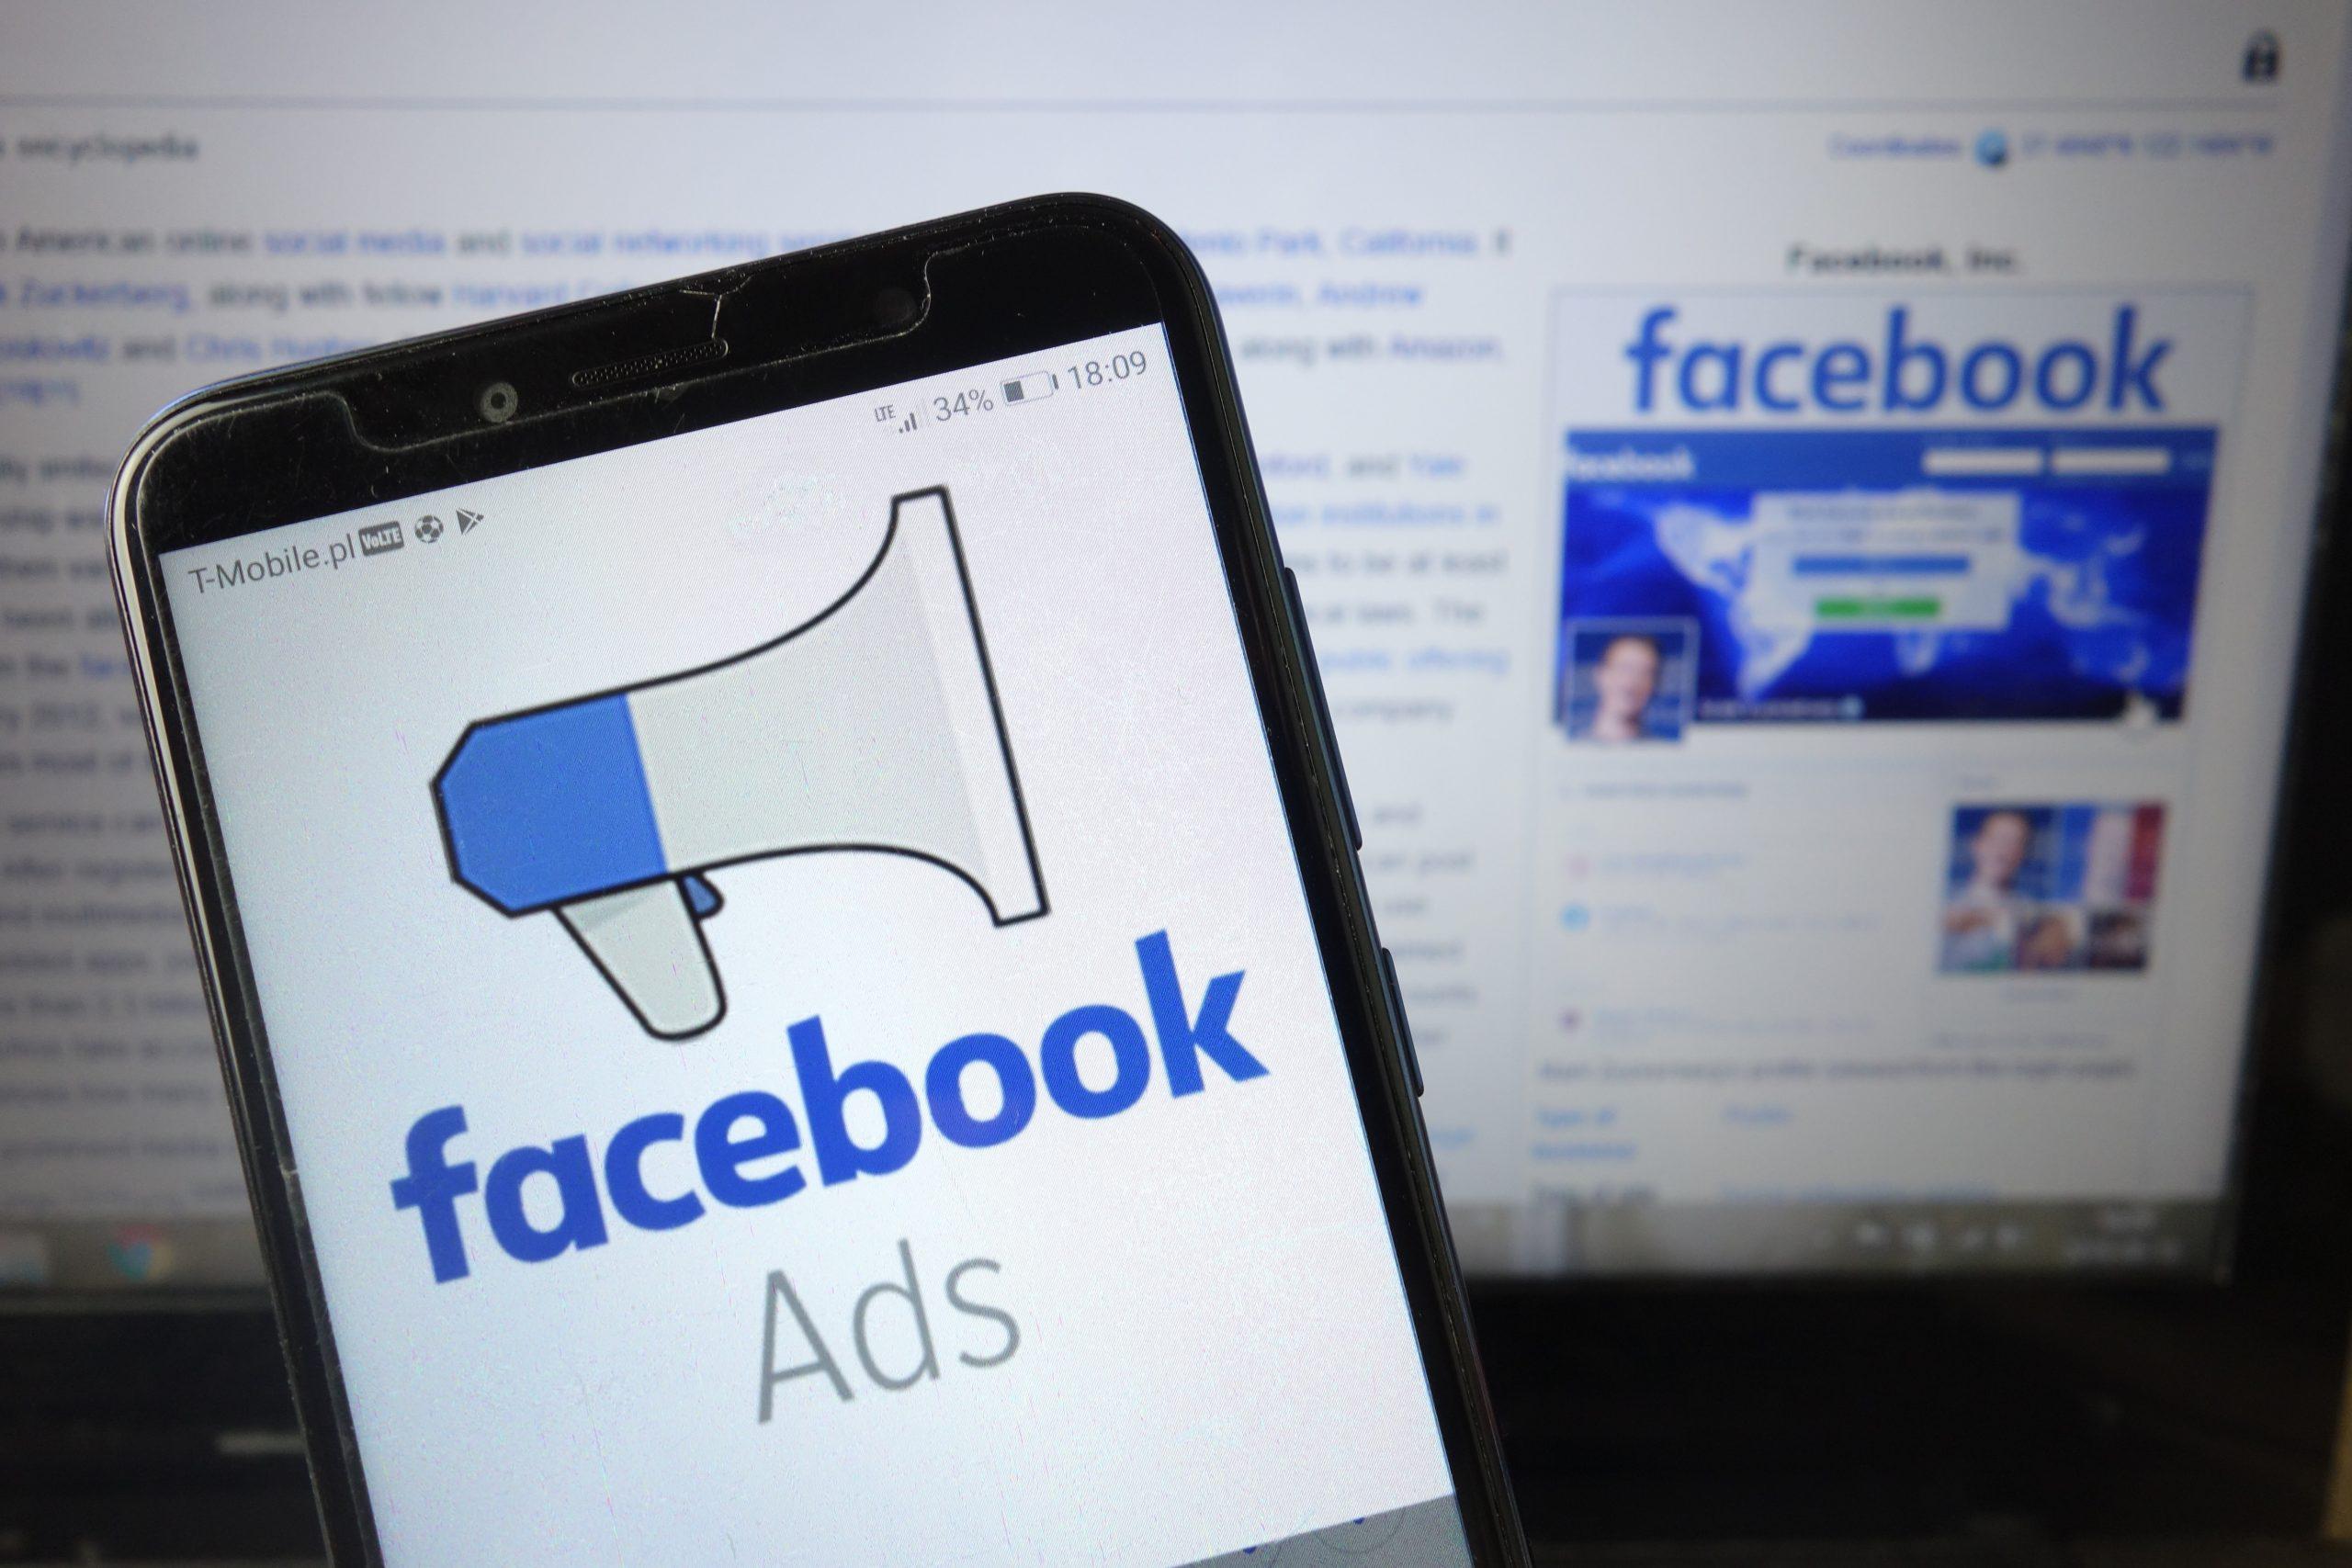 Nach Kritik an Facebook: 28-Tage-Attribution für Ads bleibt weiterhin verfügbar